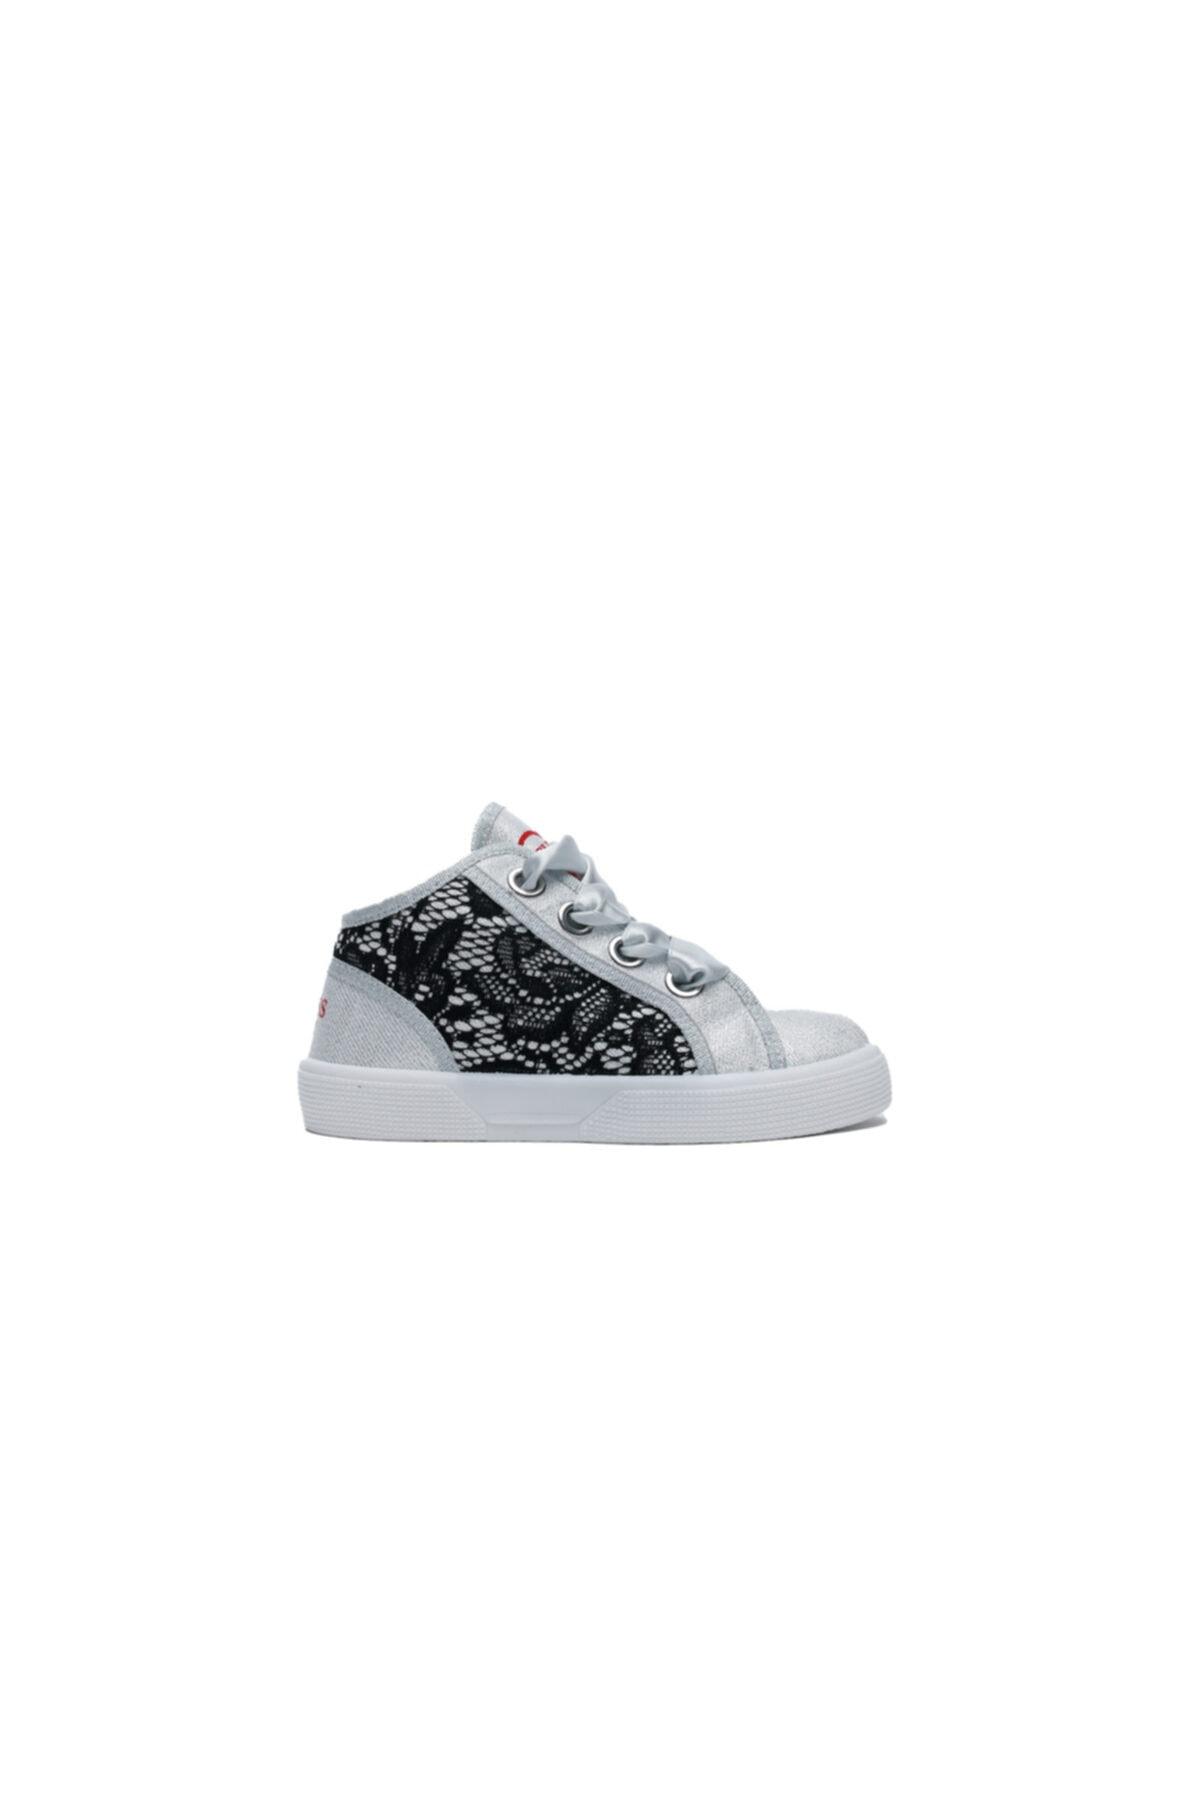 Guess Piuma Lace Çocuk Gri Günlük Ayakkabı 1